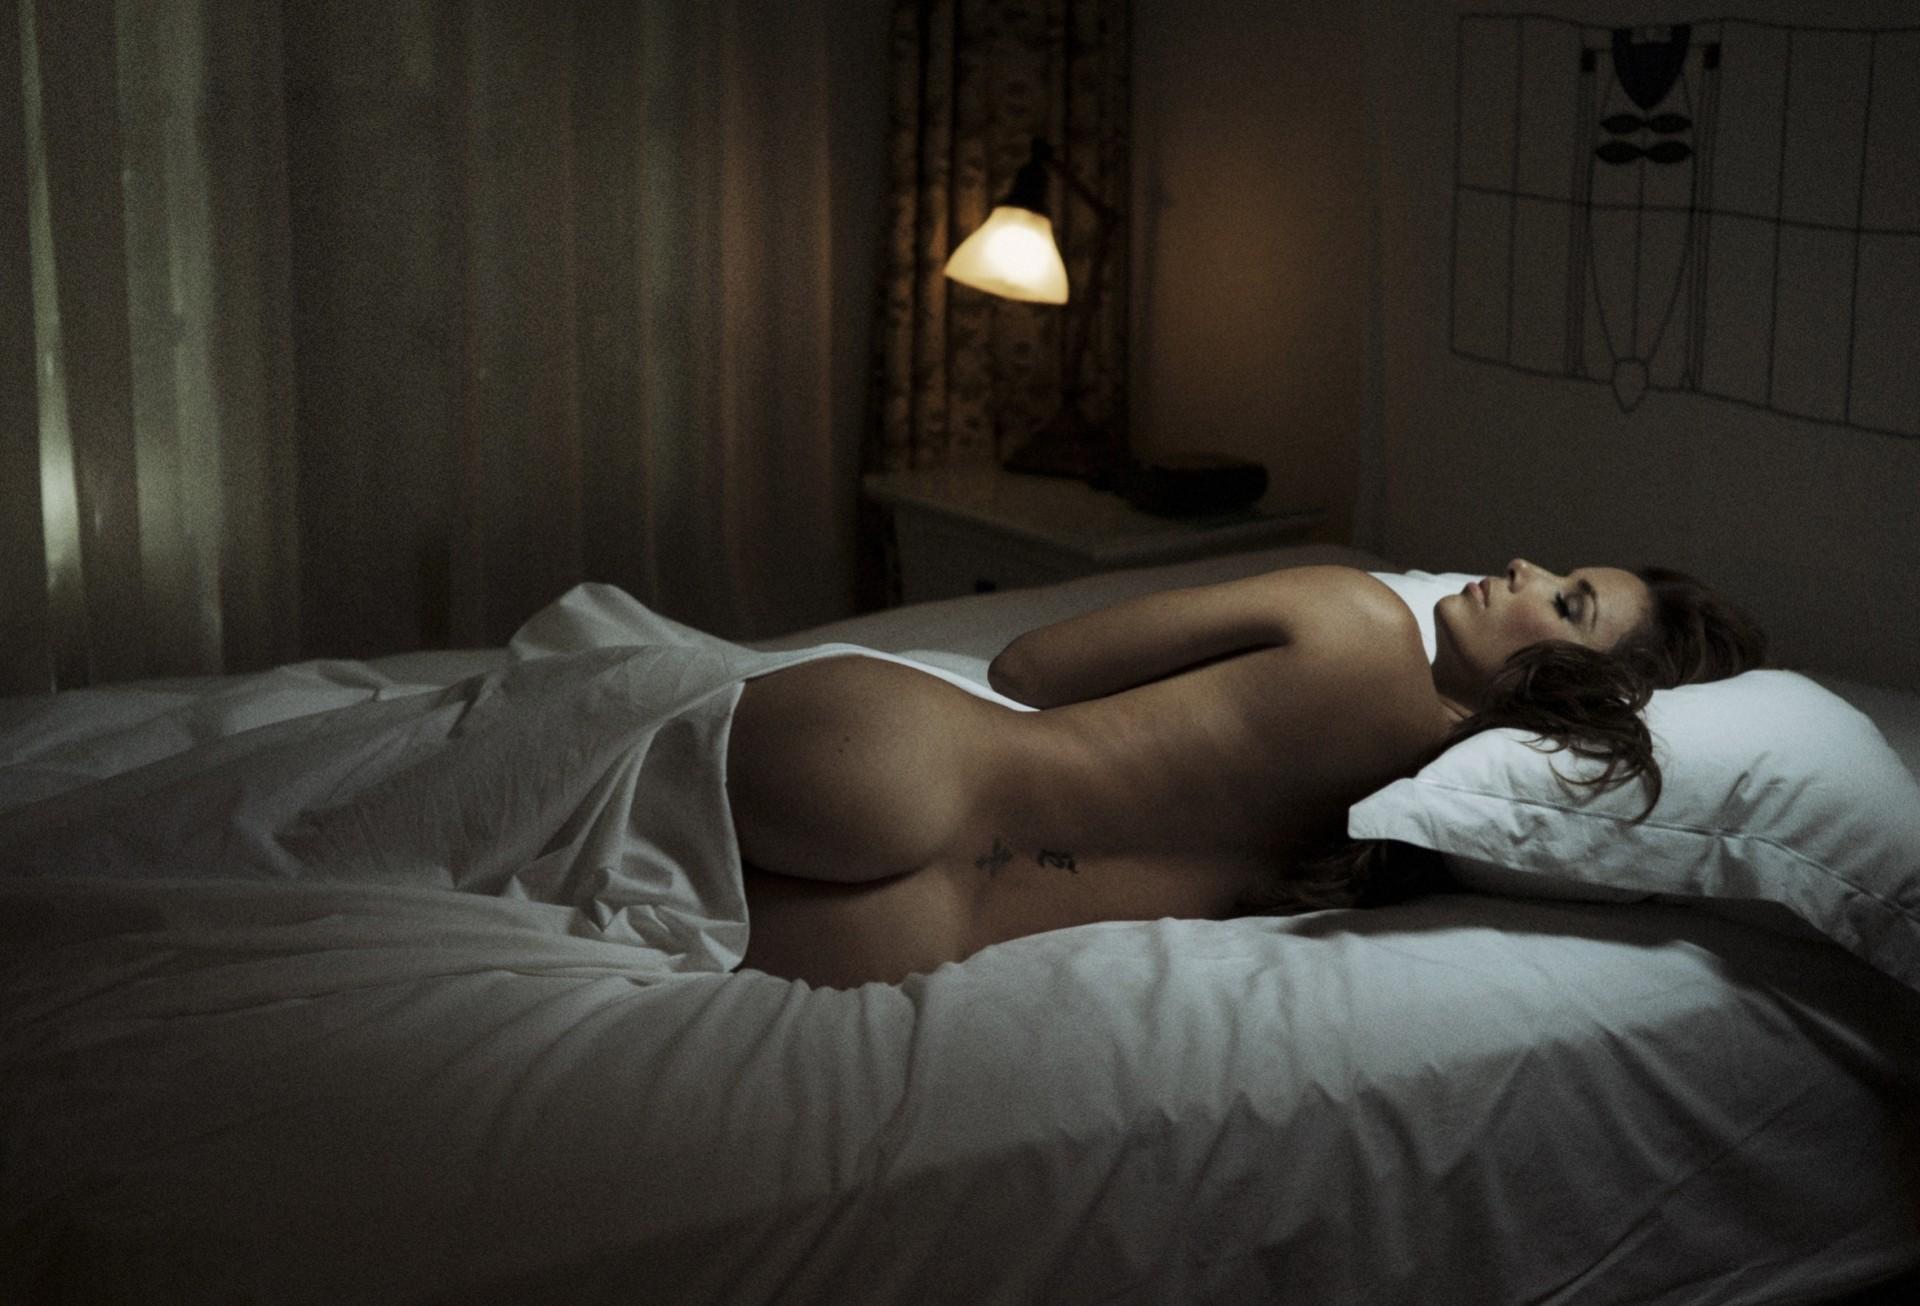 Фото эротика в спальне, жены футболистов порно фильм